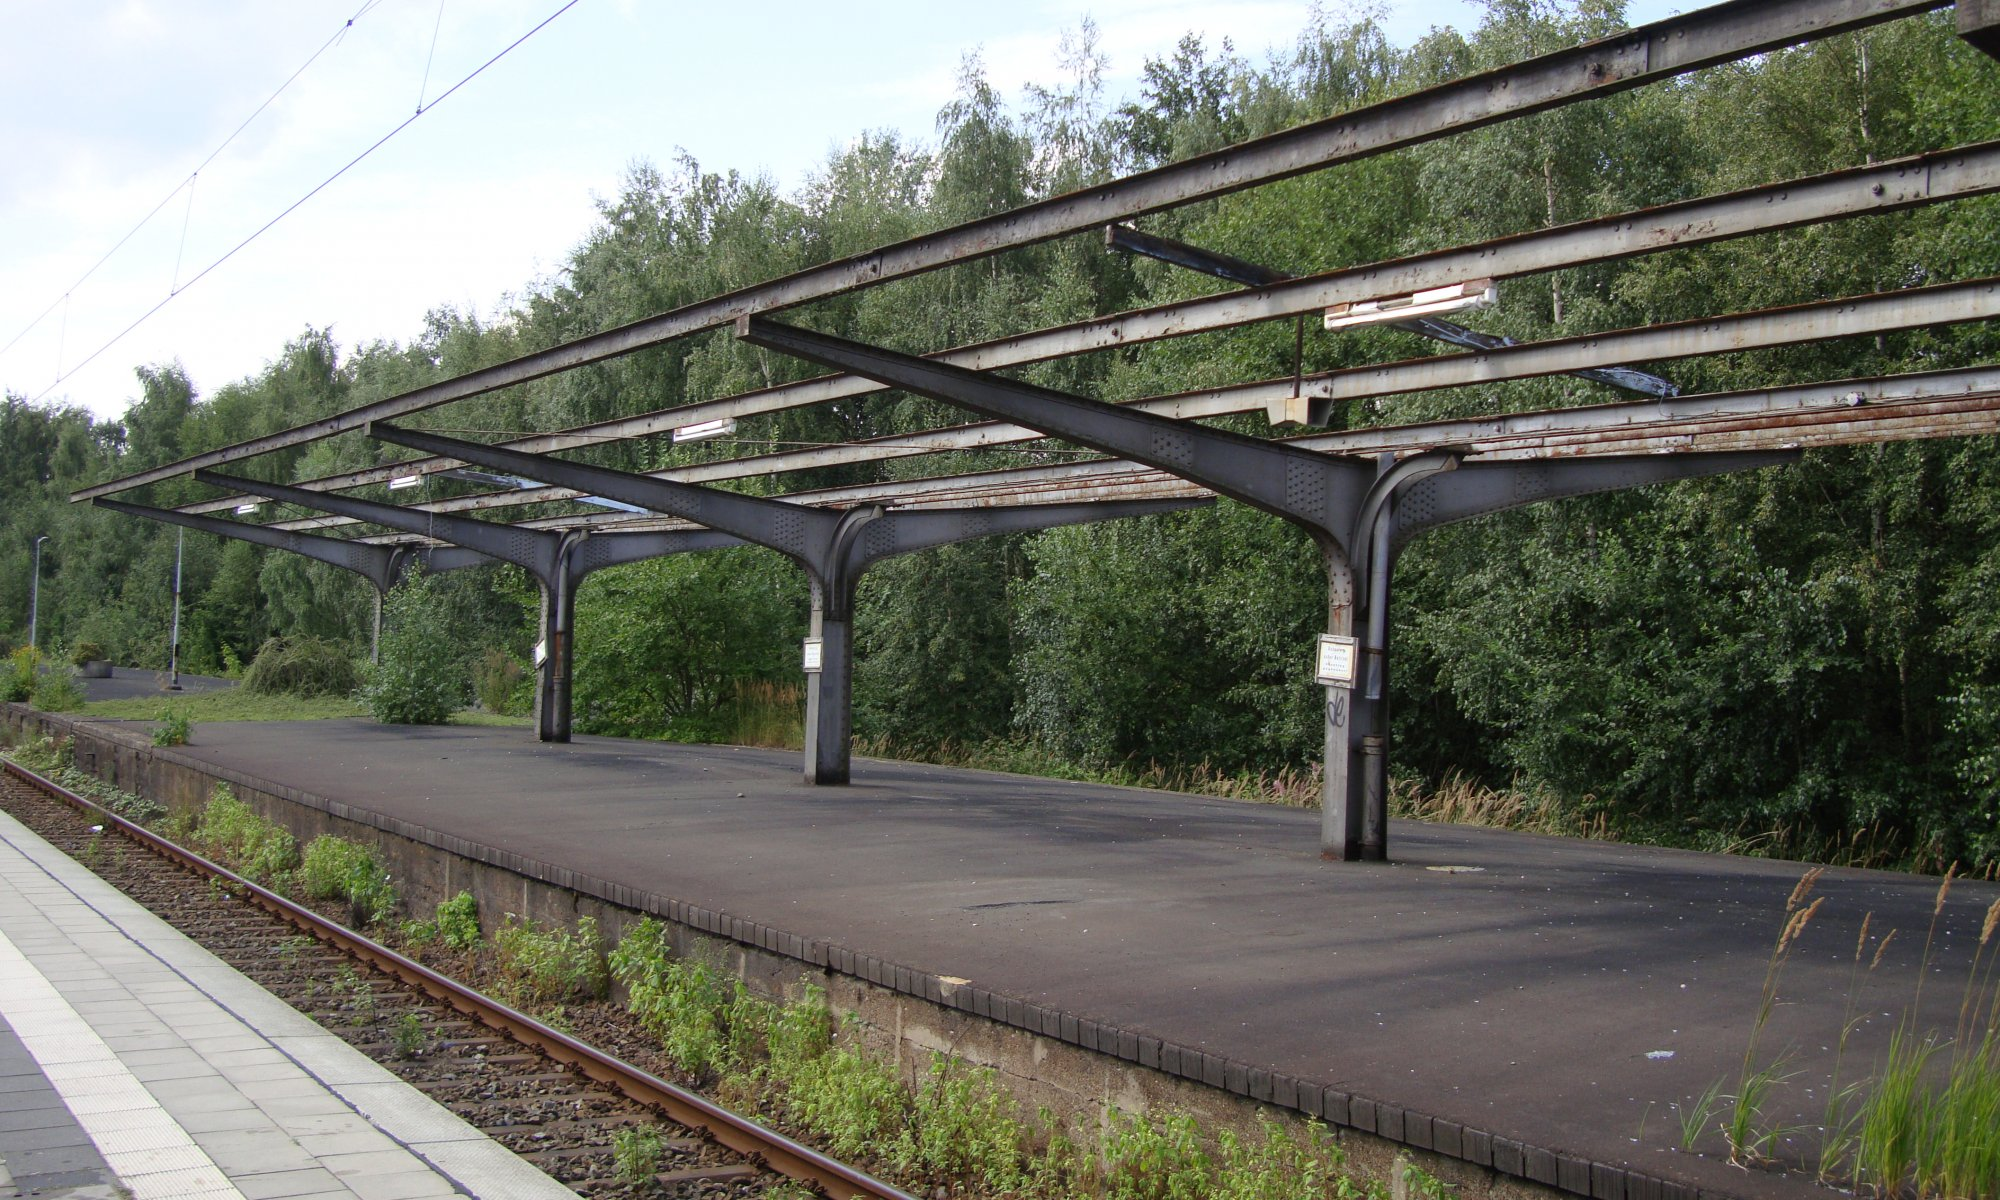 Bahnhof Lübeck-Travemünde Strand, Lübeck